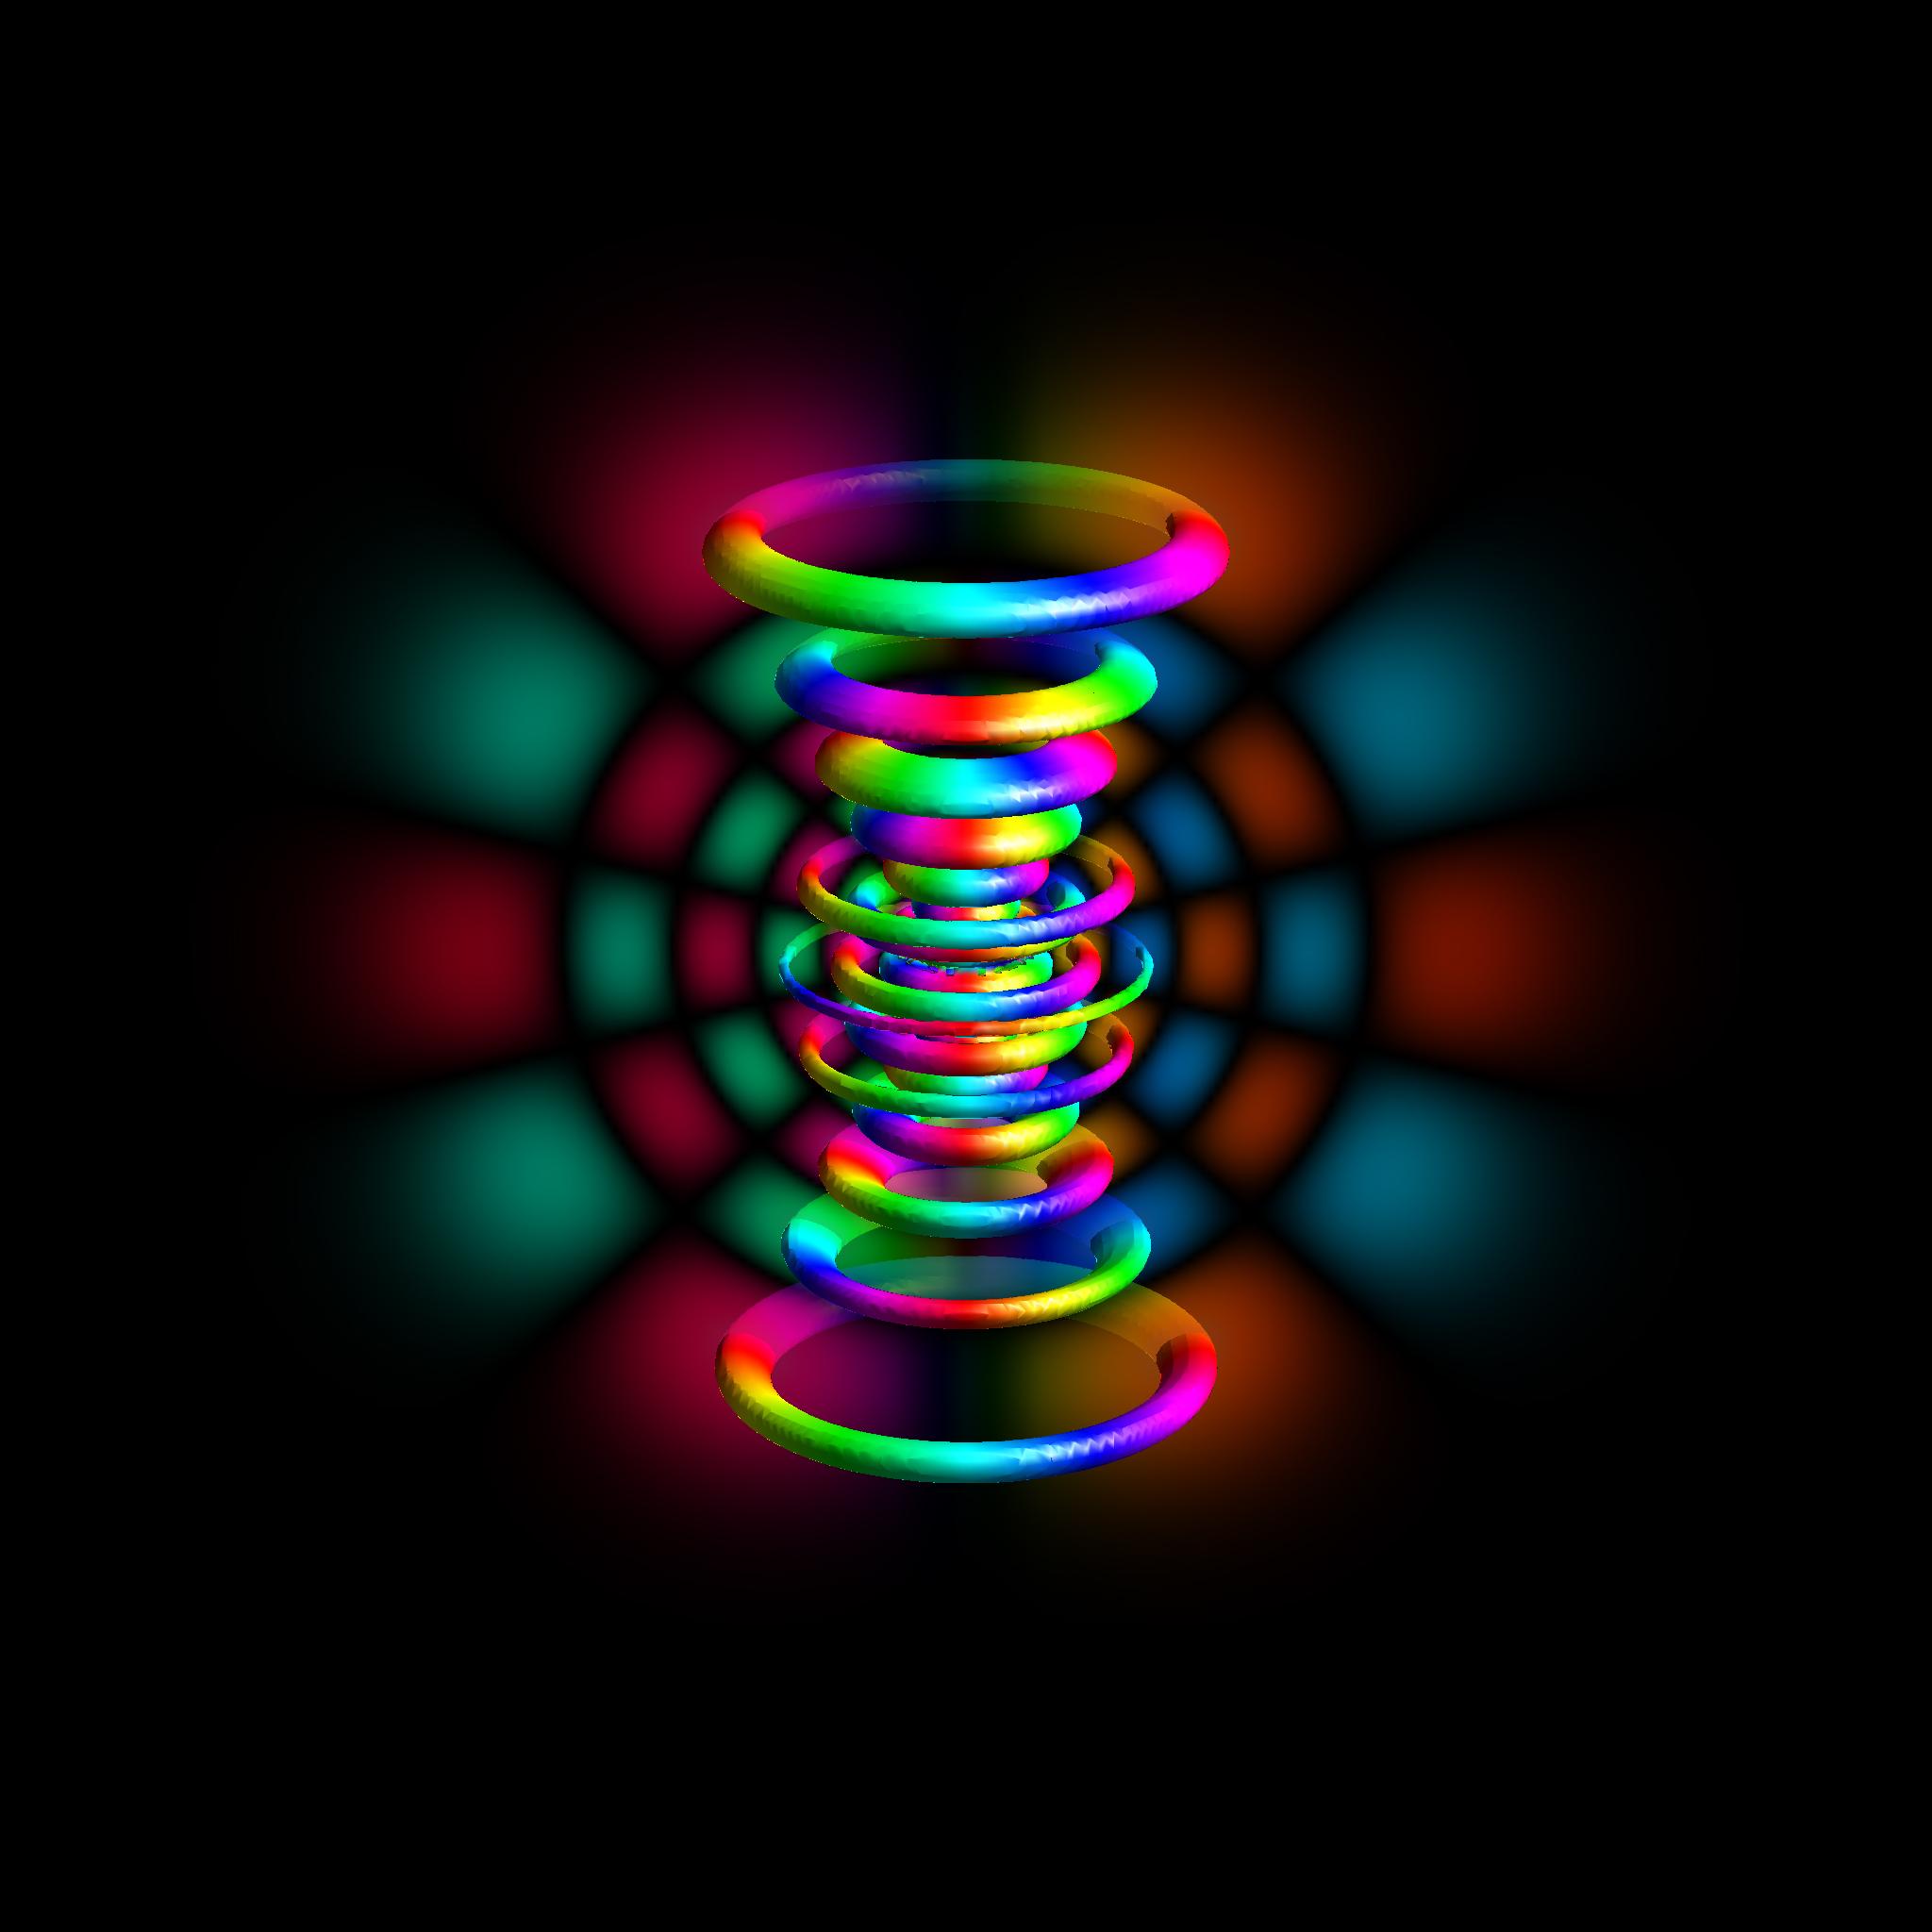 запутанность атом квантовая